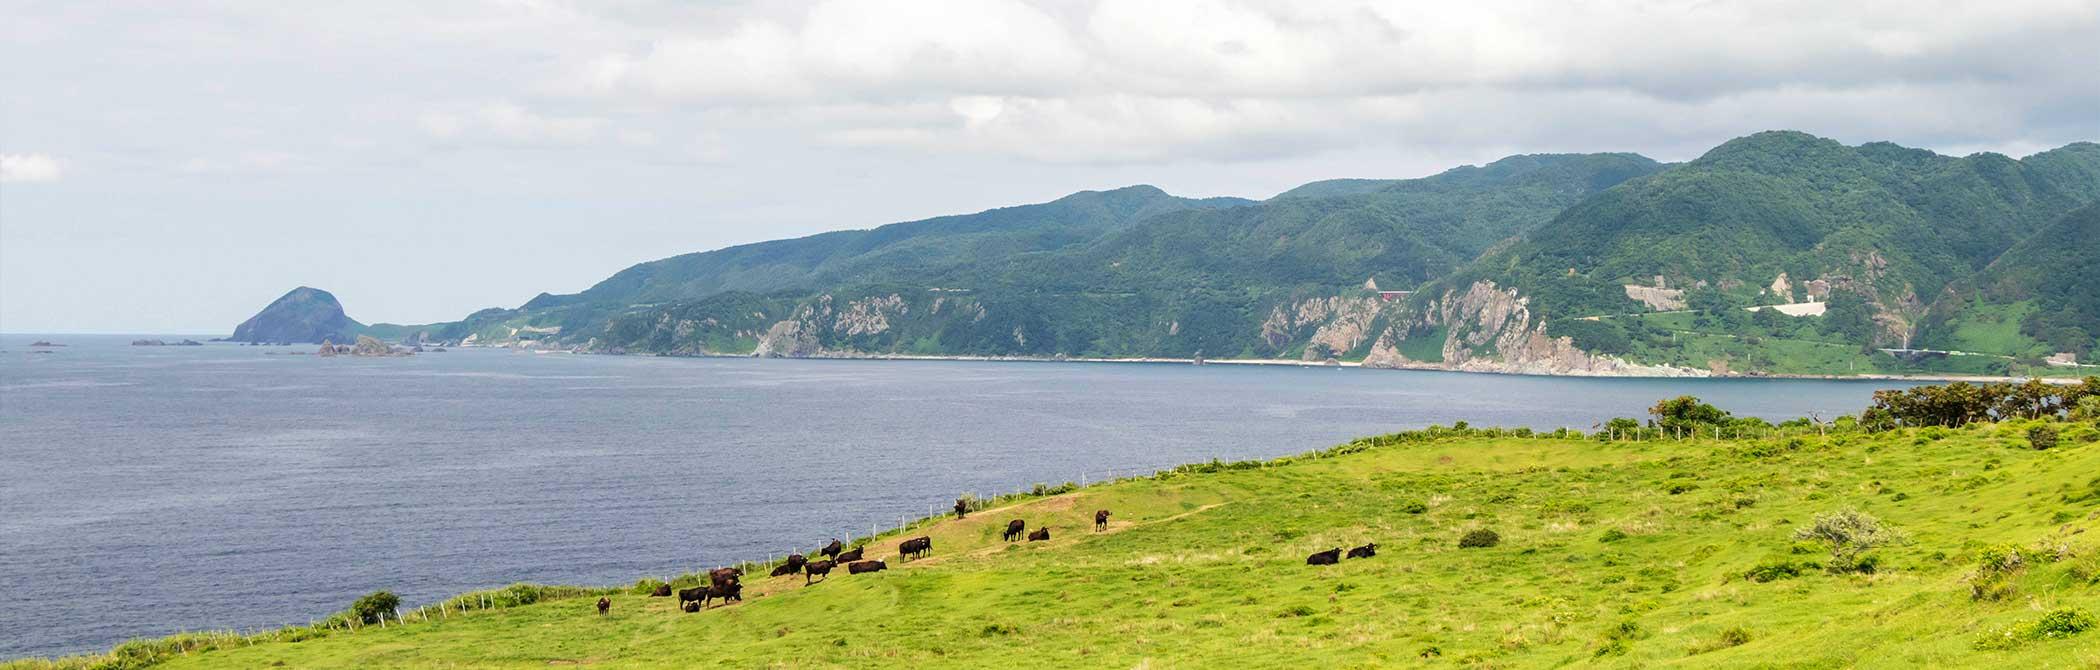 関岬牧場から大野亀方面を望む